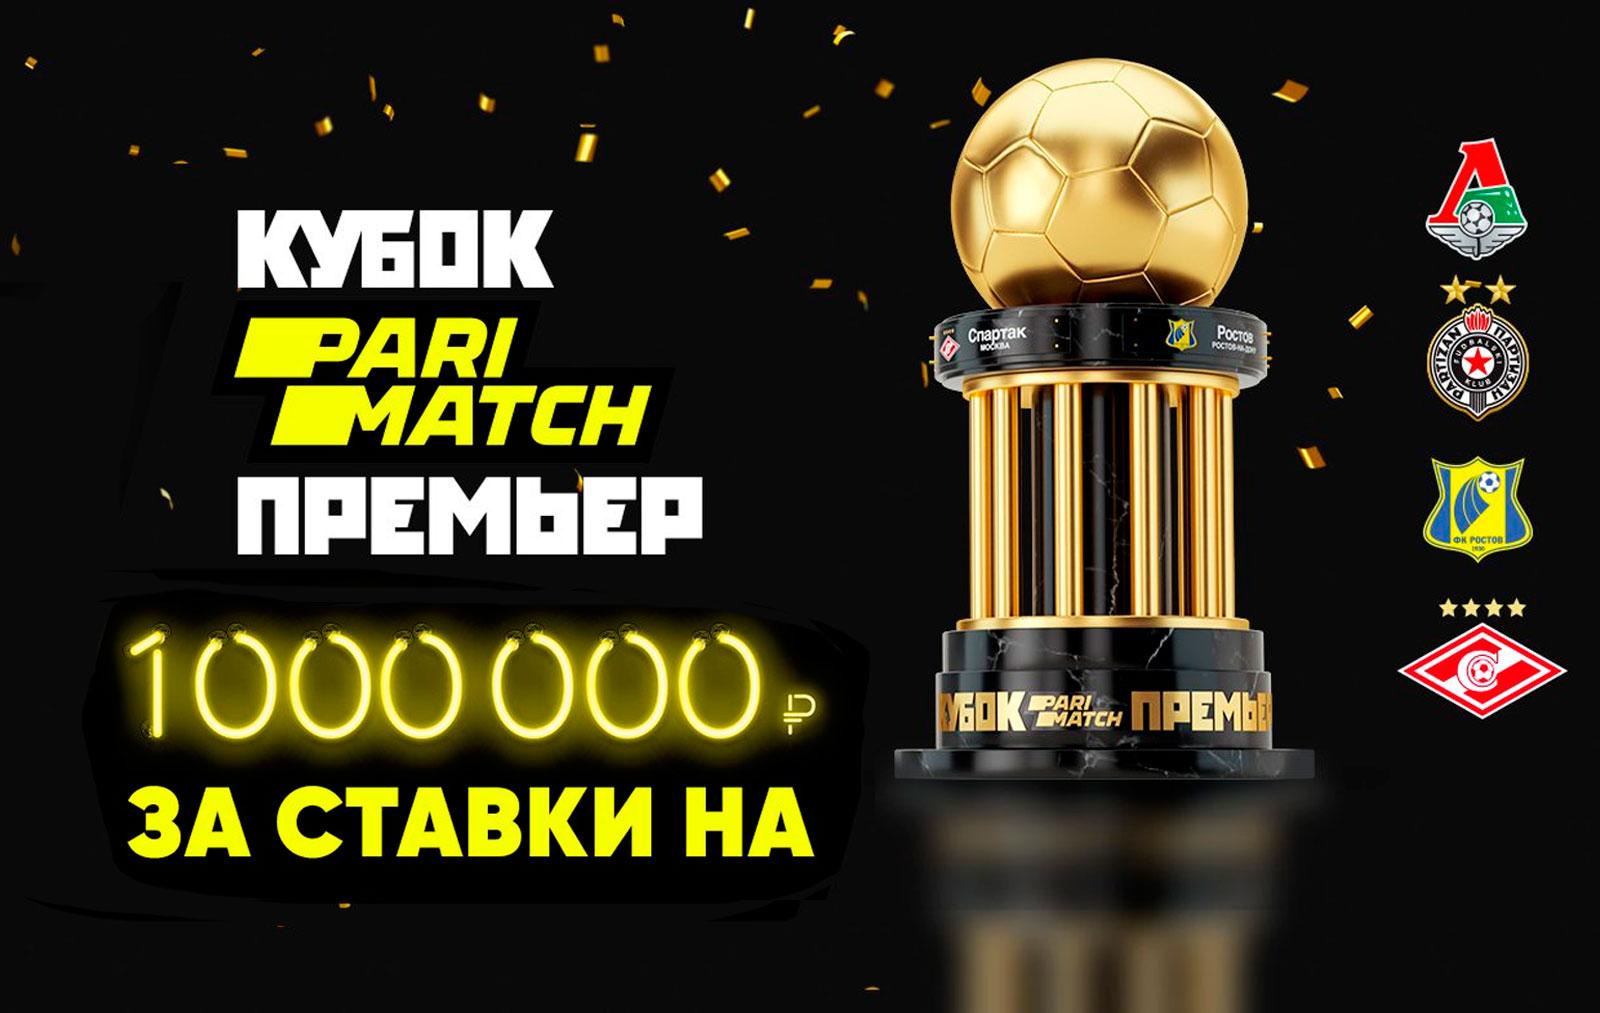 Акция 1 миллион рублей за пари на матчи Кубка Париматч-Премьер от БК Париматч